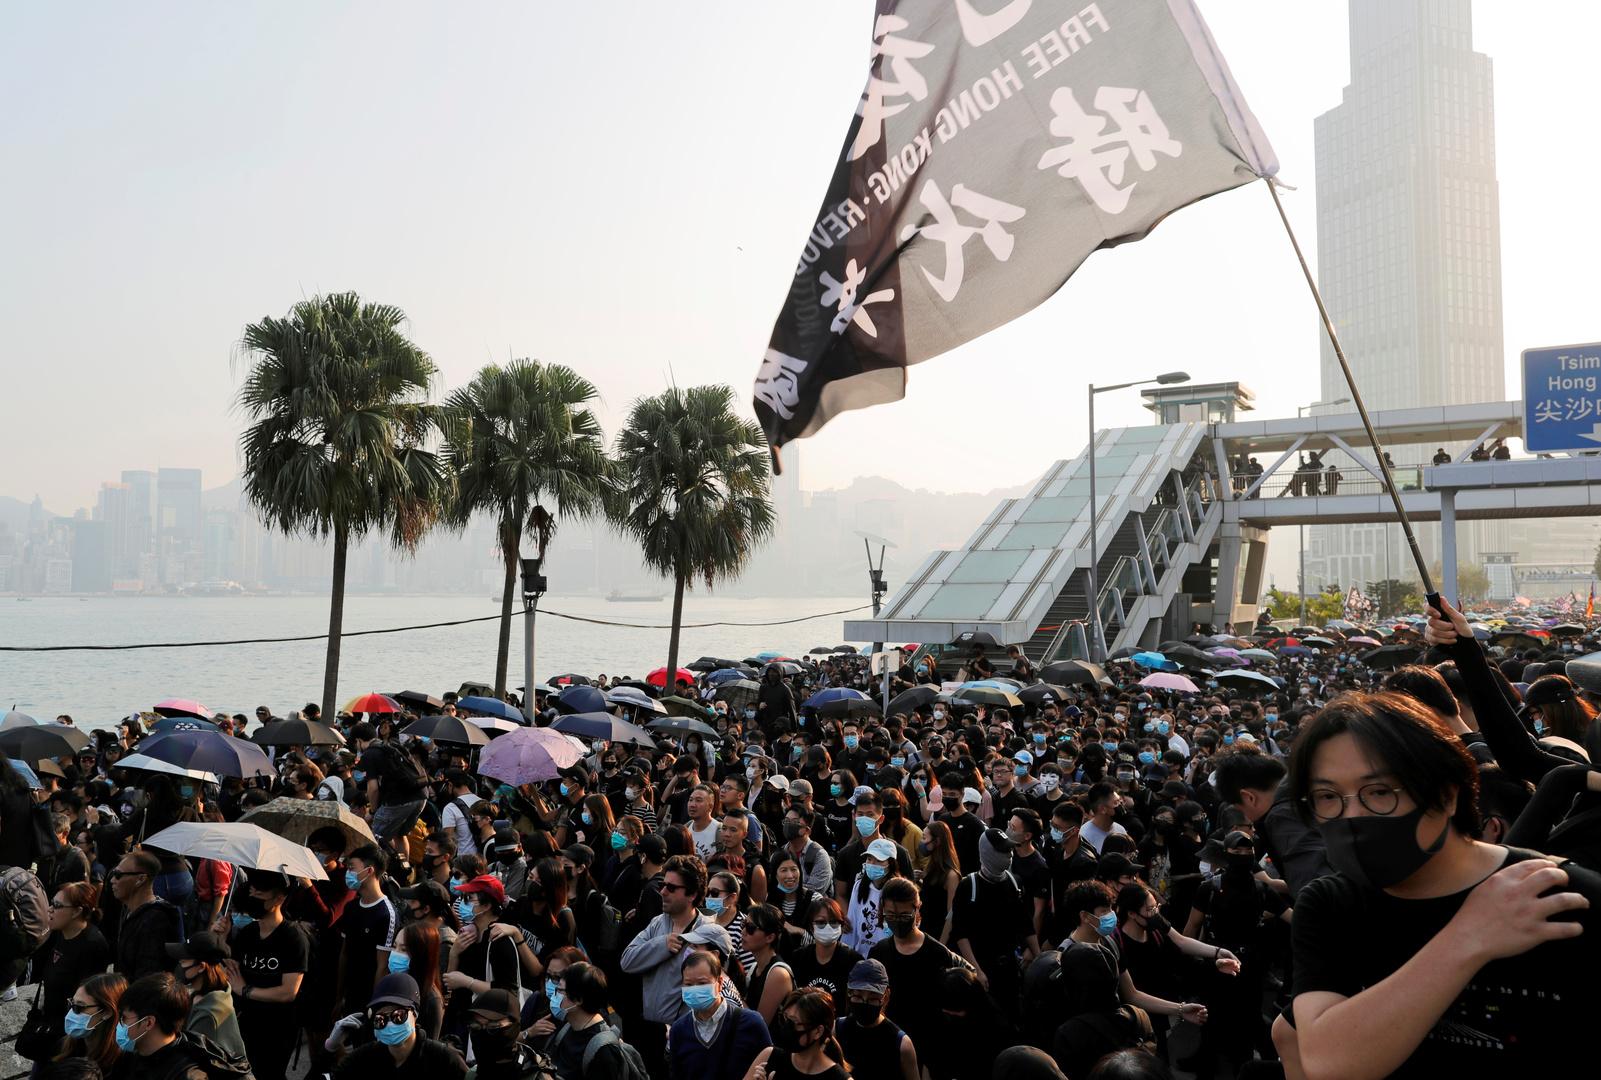 المتظاهرون في هونغ كونغ يعودون إلى الشارع بعد فترة تهدئة قصيرة